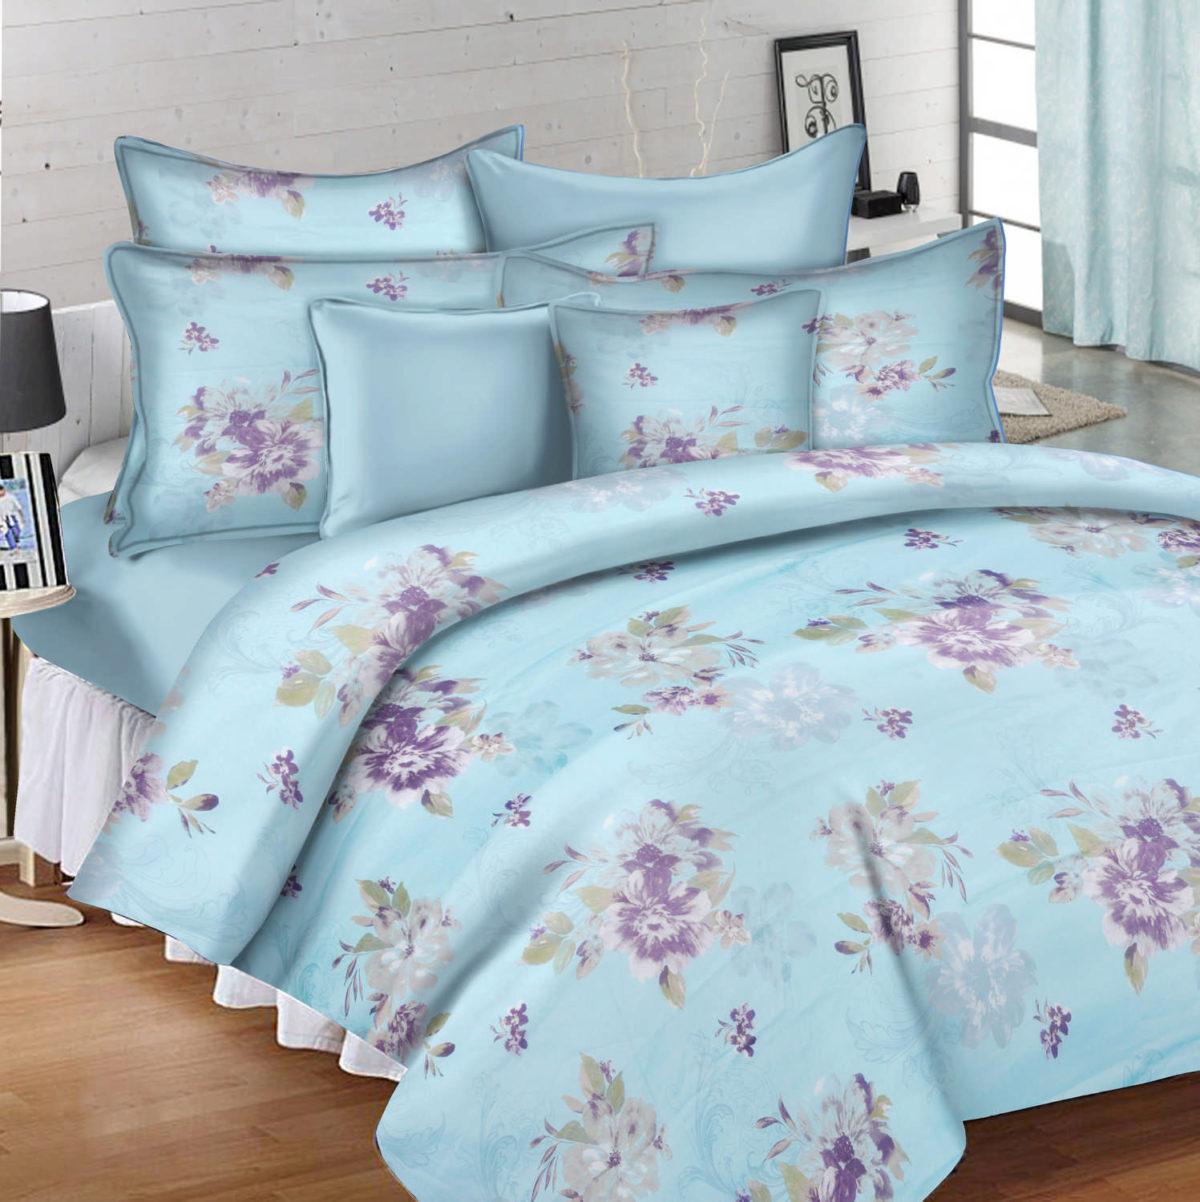 Floral Cotton Single Bedsheet - Blue